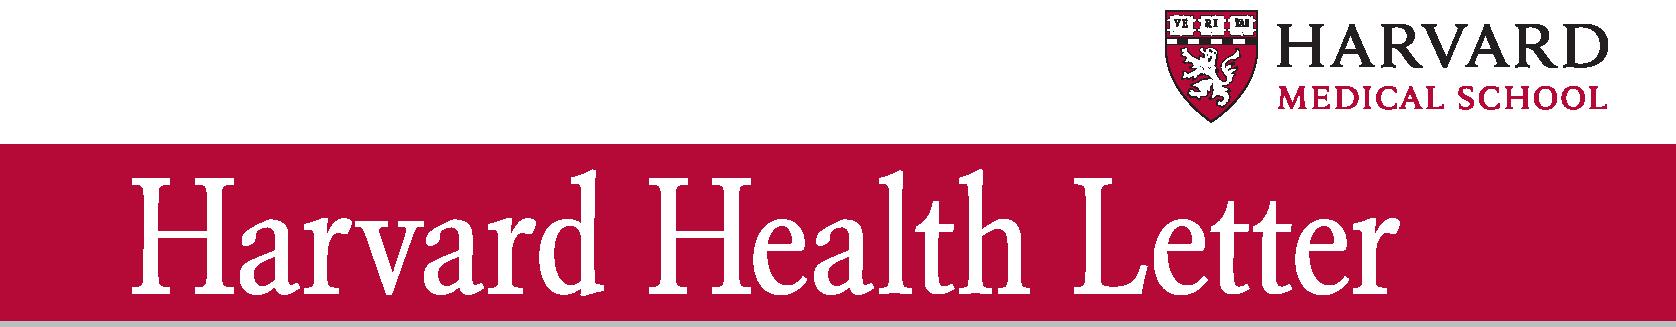 Harvard_Health_letter